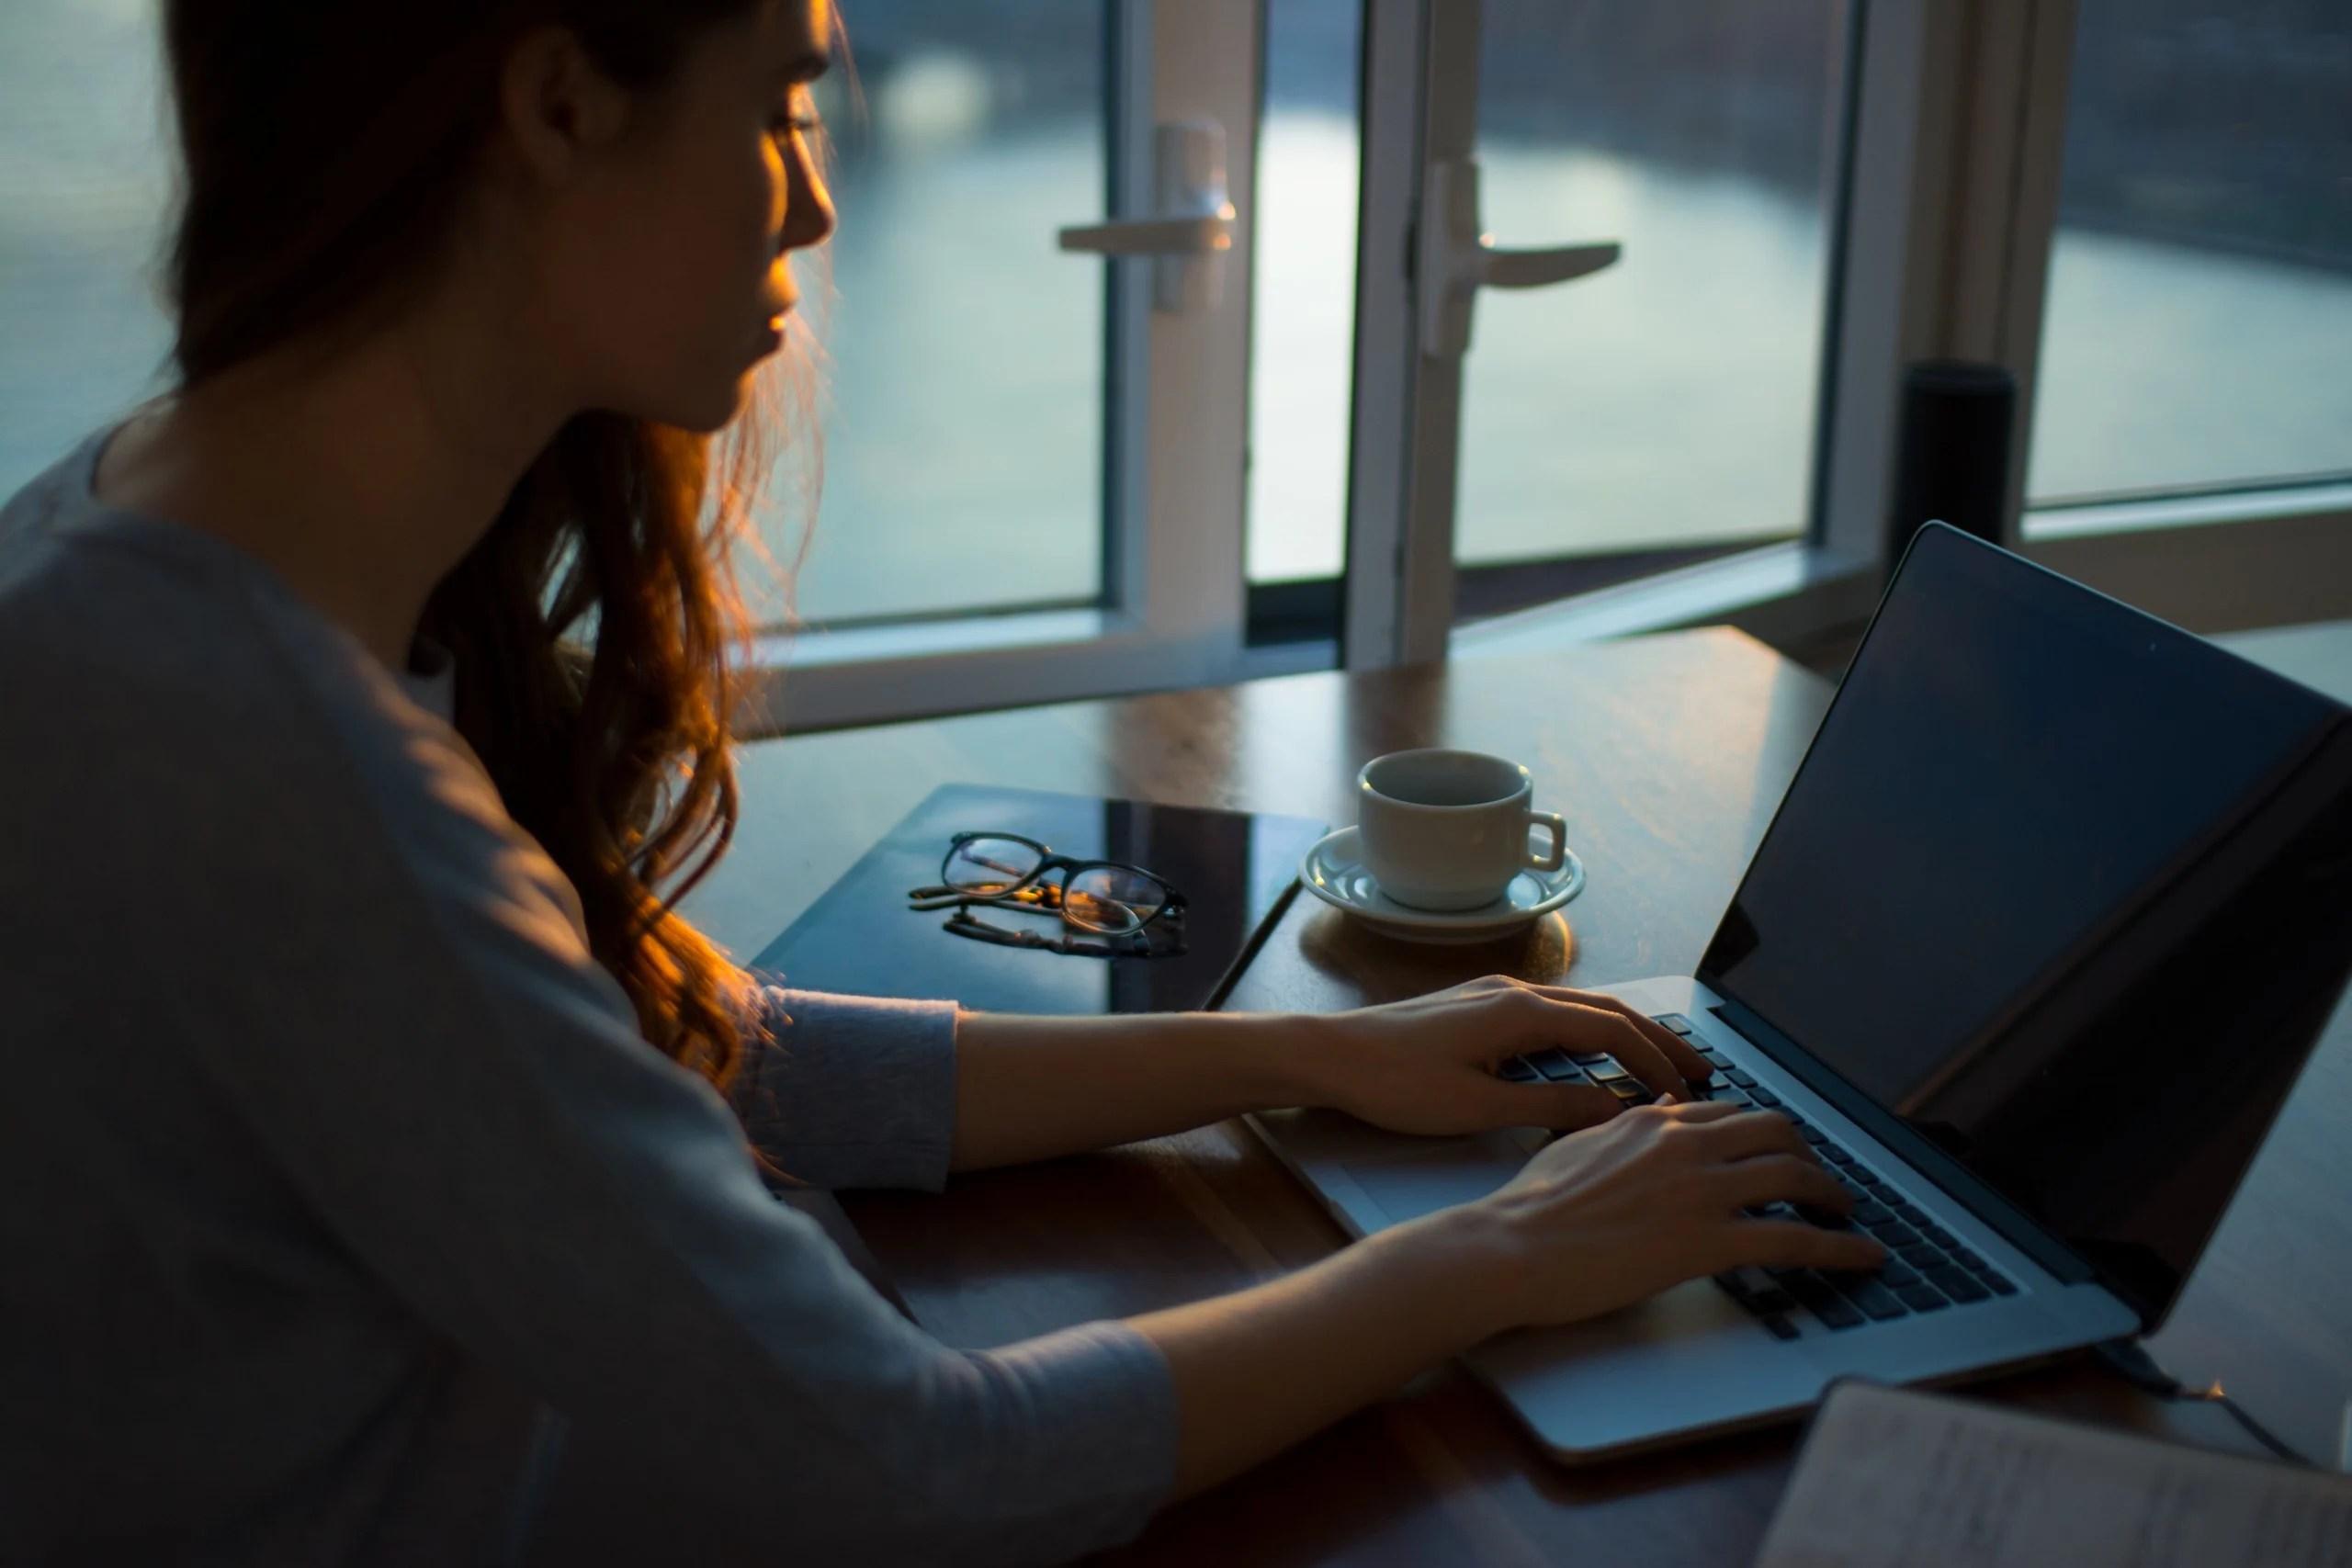 Équipement télétravail : Écrans, PC et accessoires indispensables pour bien travailler à la maison